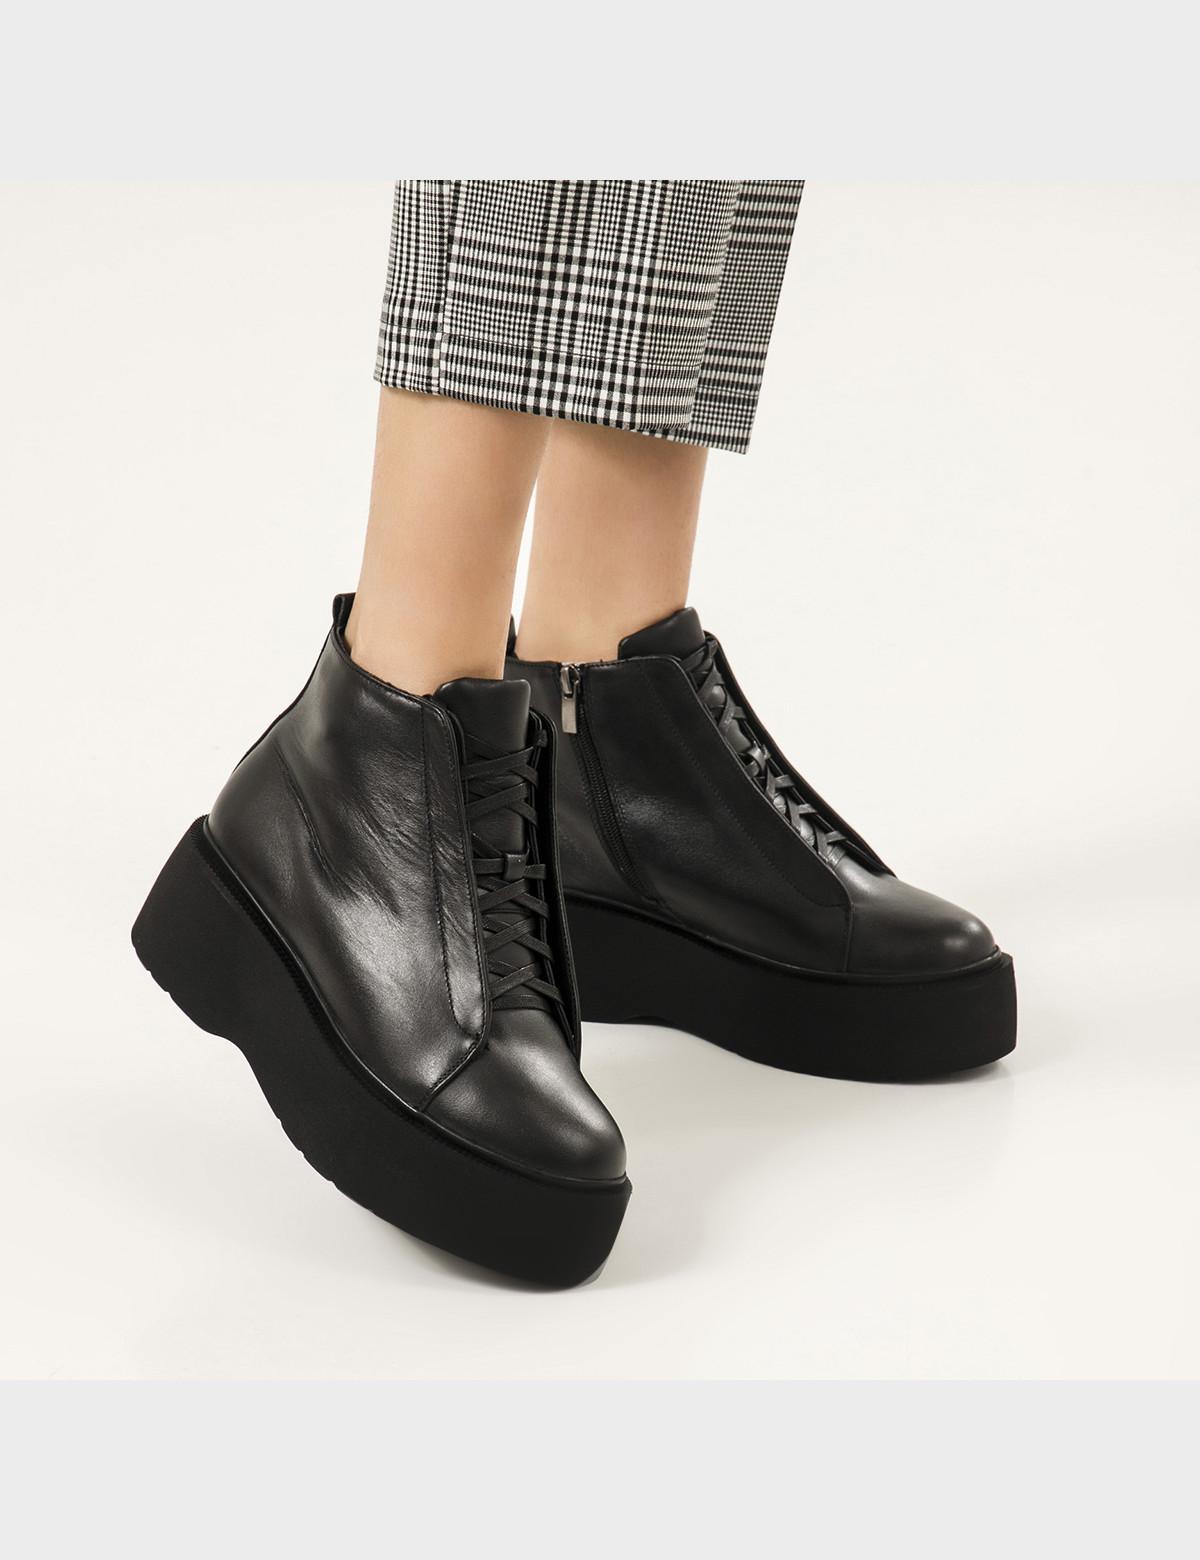 Ботинки черные натуральная кожа. Шерсть5